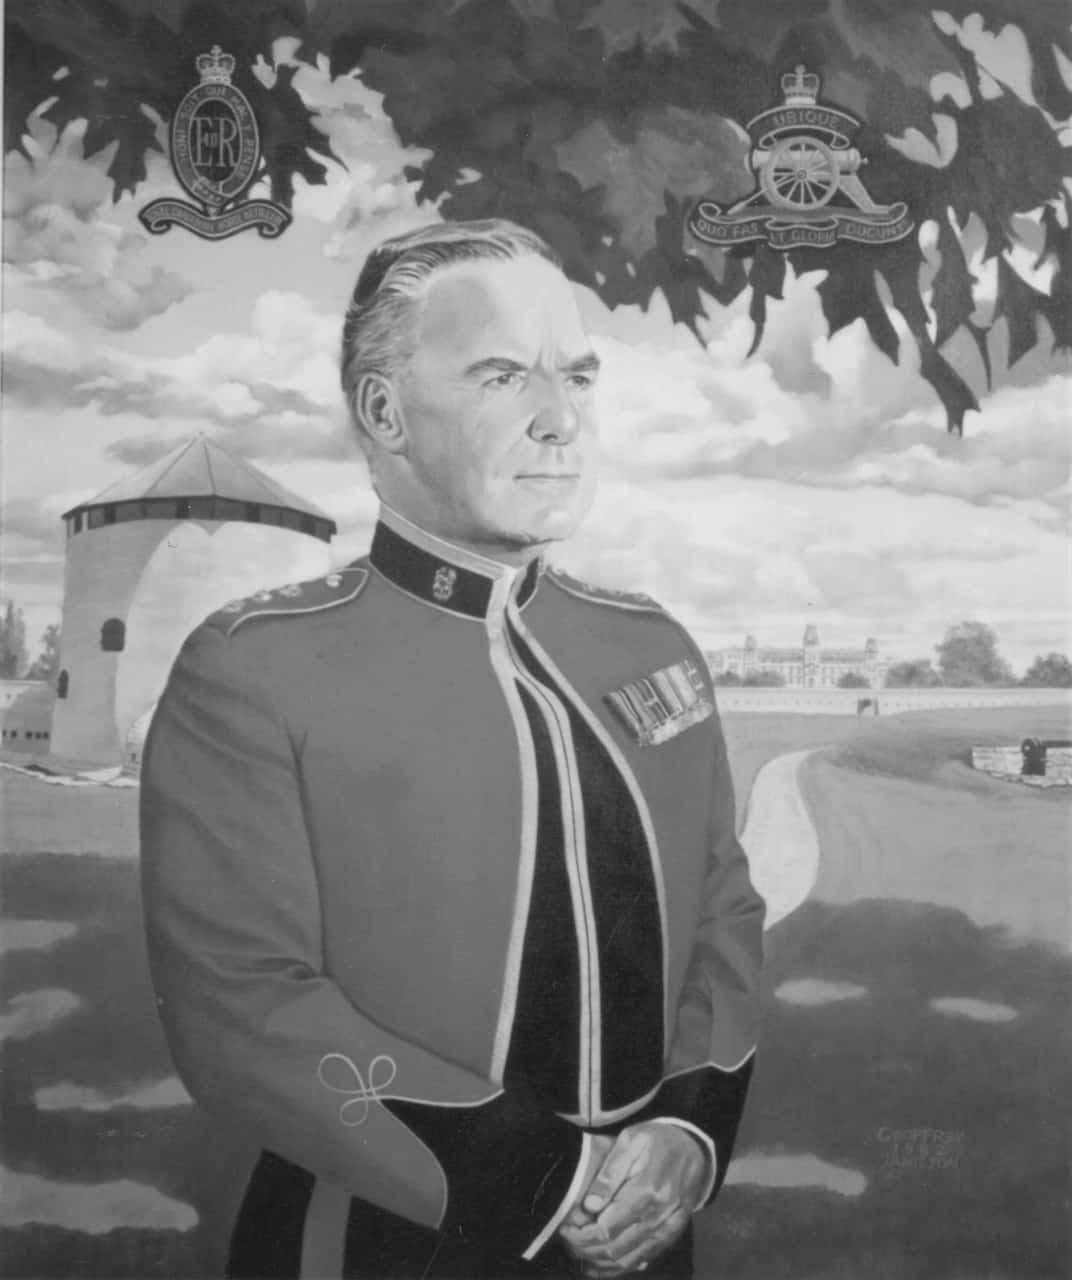 Brigadier-General-W.W.-Turner-CD-1921-–-2016-3